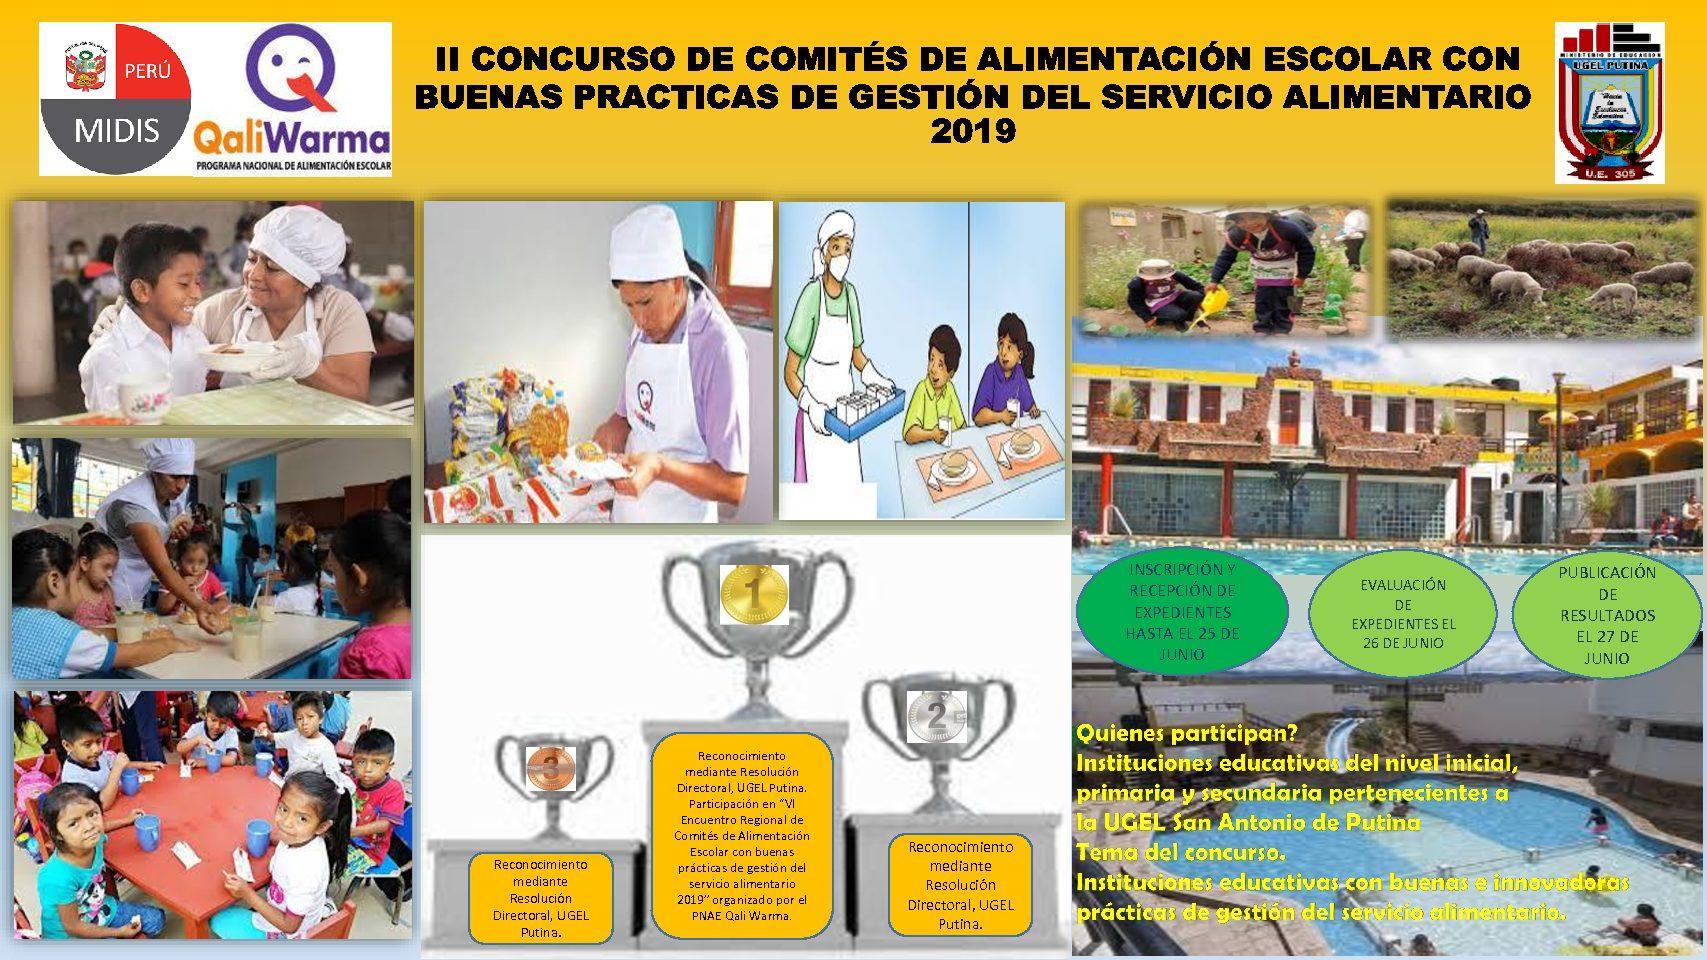 II CONCURSO DE COMITÉS DE ALIMENTACIÓN ESCOLAR CON BUENAS PRÁCTICAS  DE GESTIÓN DEL SERVICIO ALIMENTARIO 2019